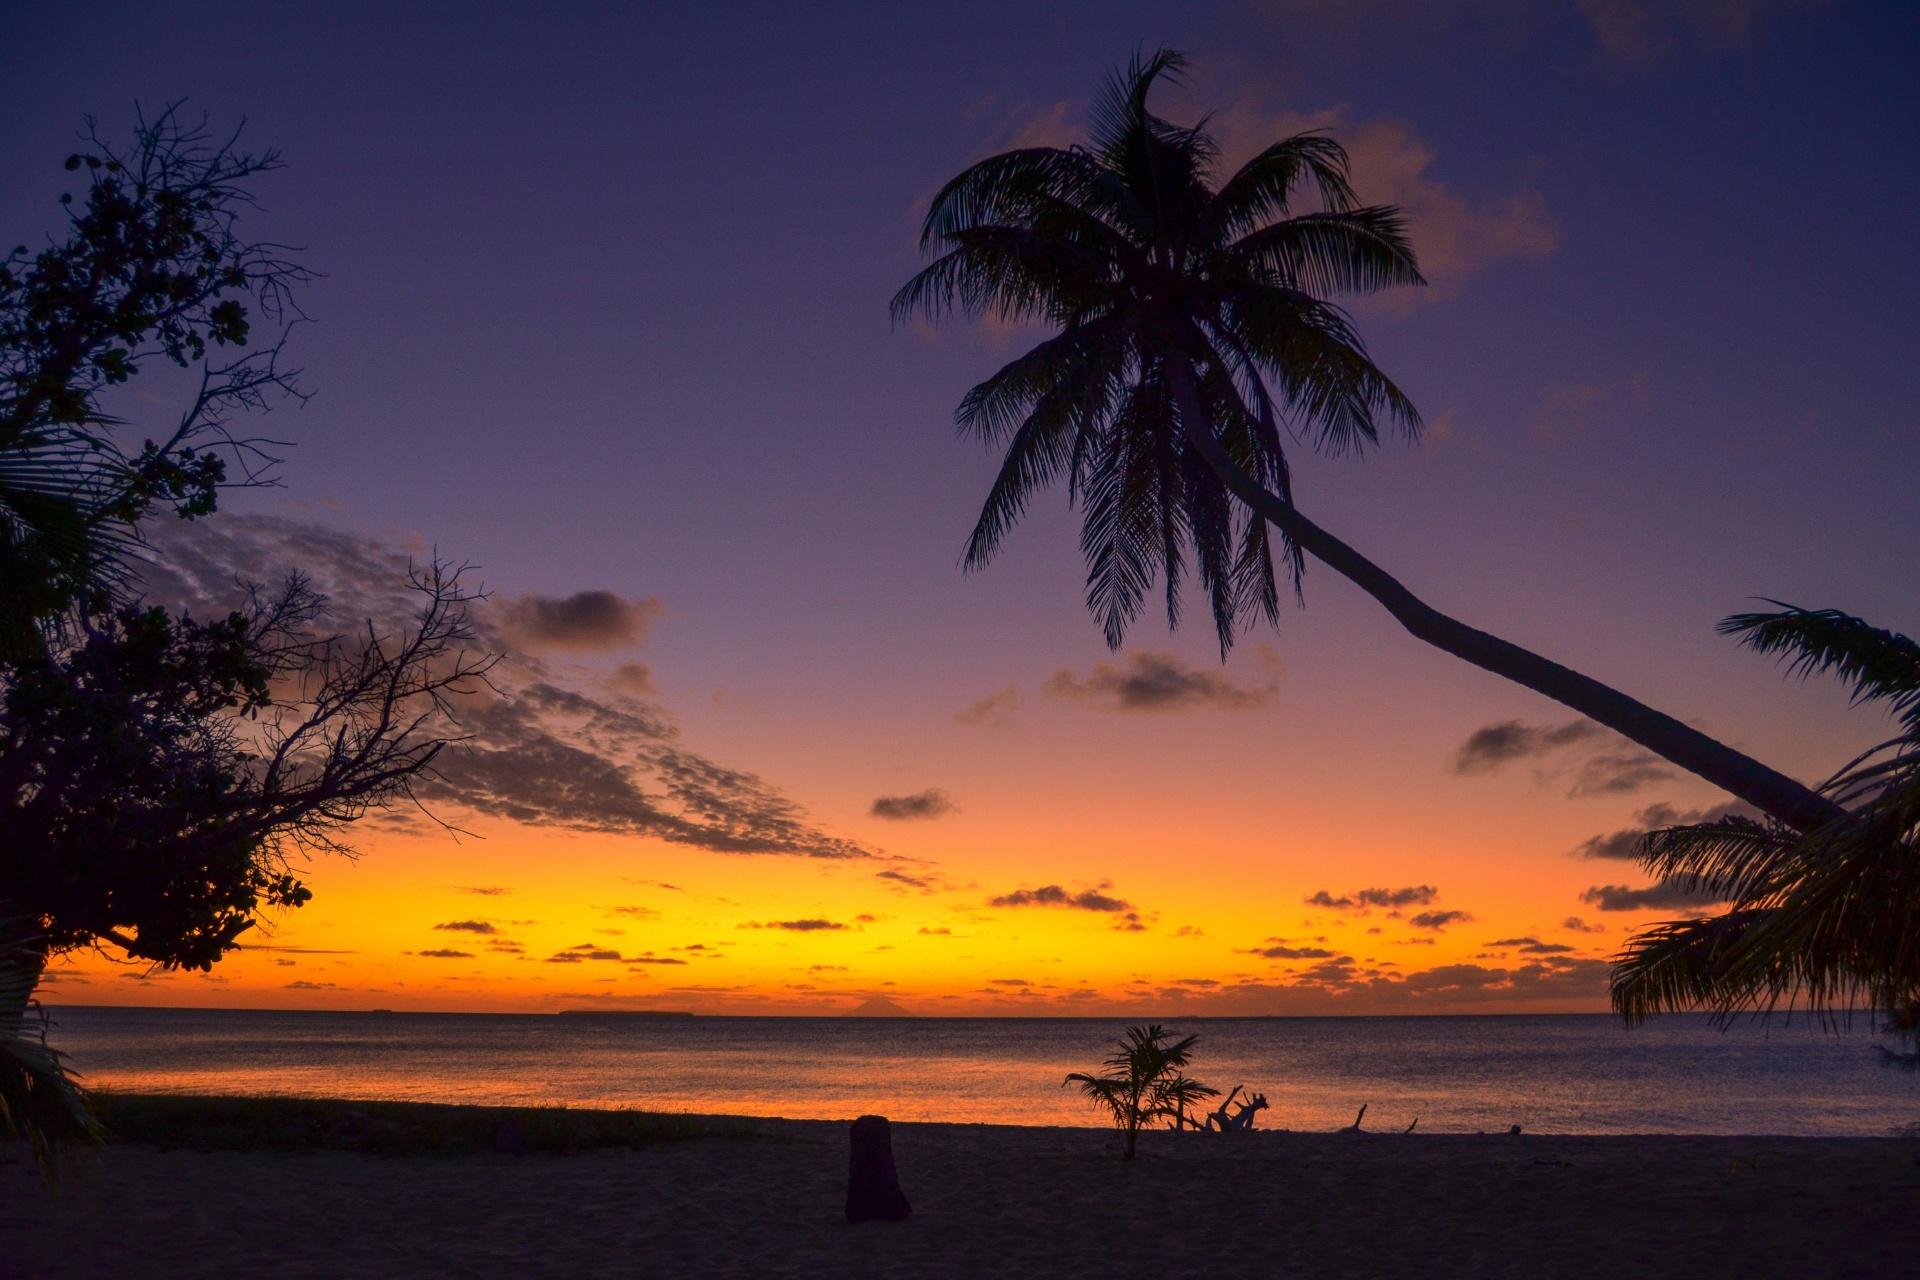 夕焼けのビーチ ウオレバ島 ハアパイ諸島 トンガの風景